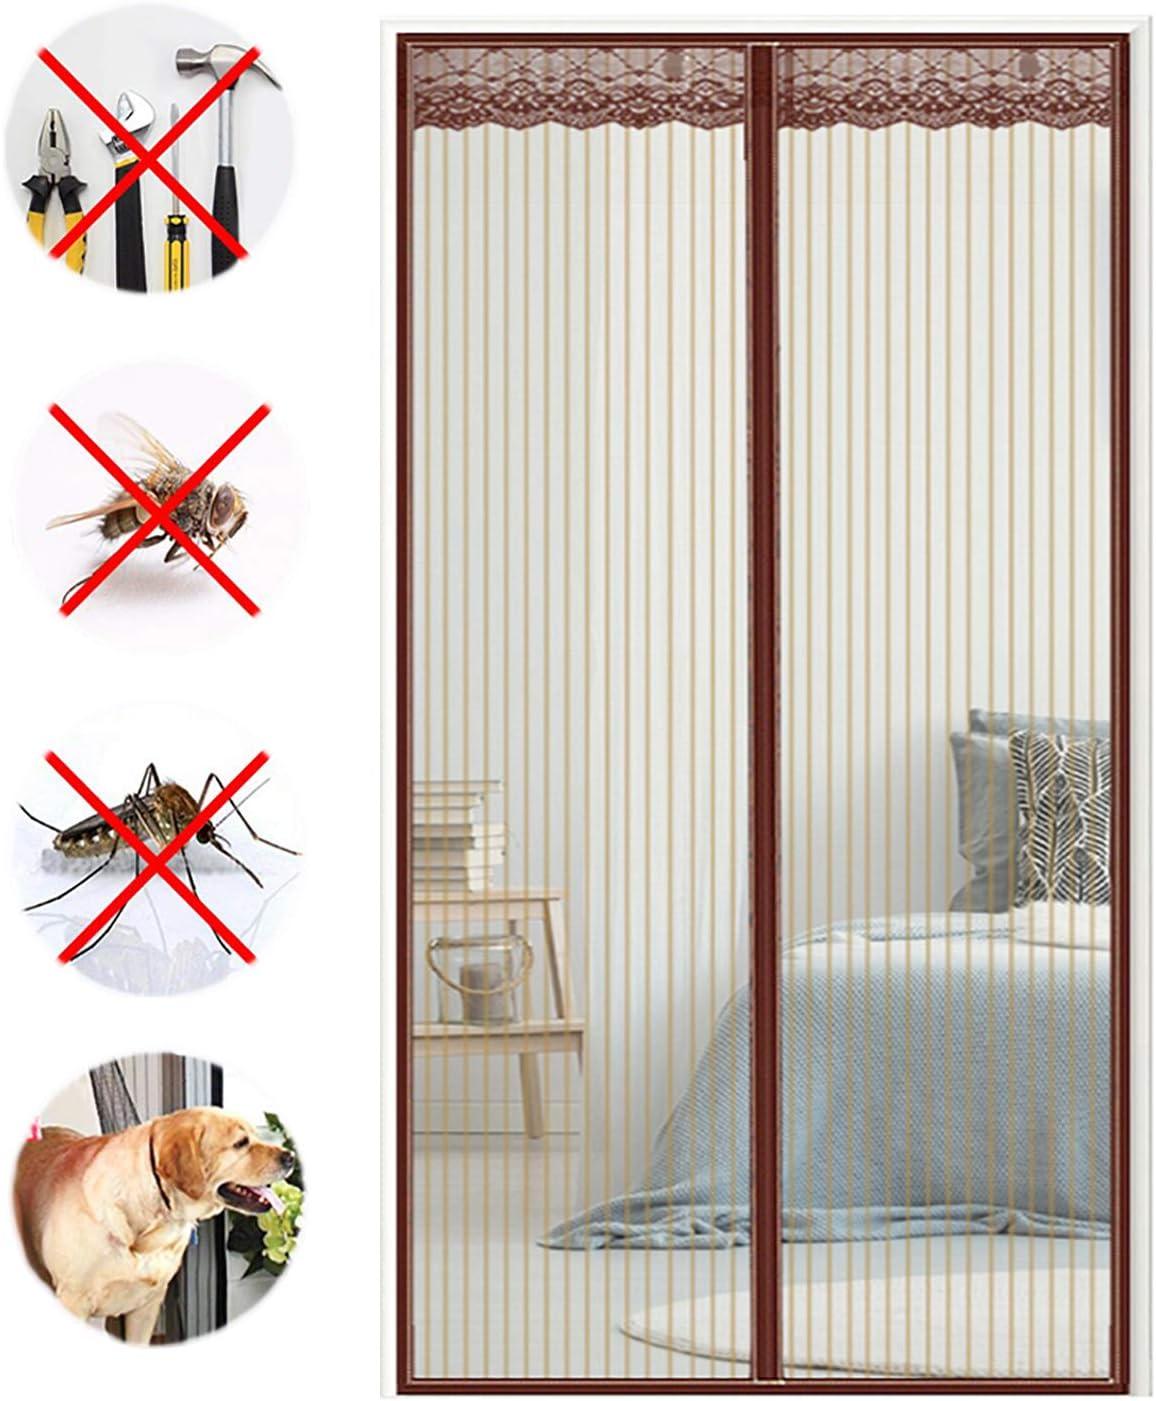 COUEO Cortina Mosquitera Magnetica, Anti Insectos Moscas y Mosquitos para Puertas Correderas/Balcones/Terraza - Marrón 200x240cm: Amazon.es: Hogar